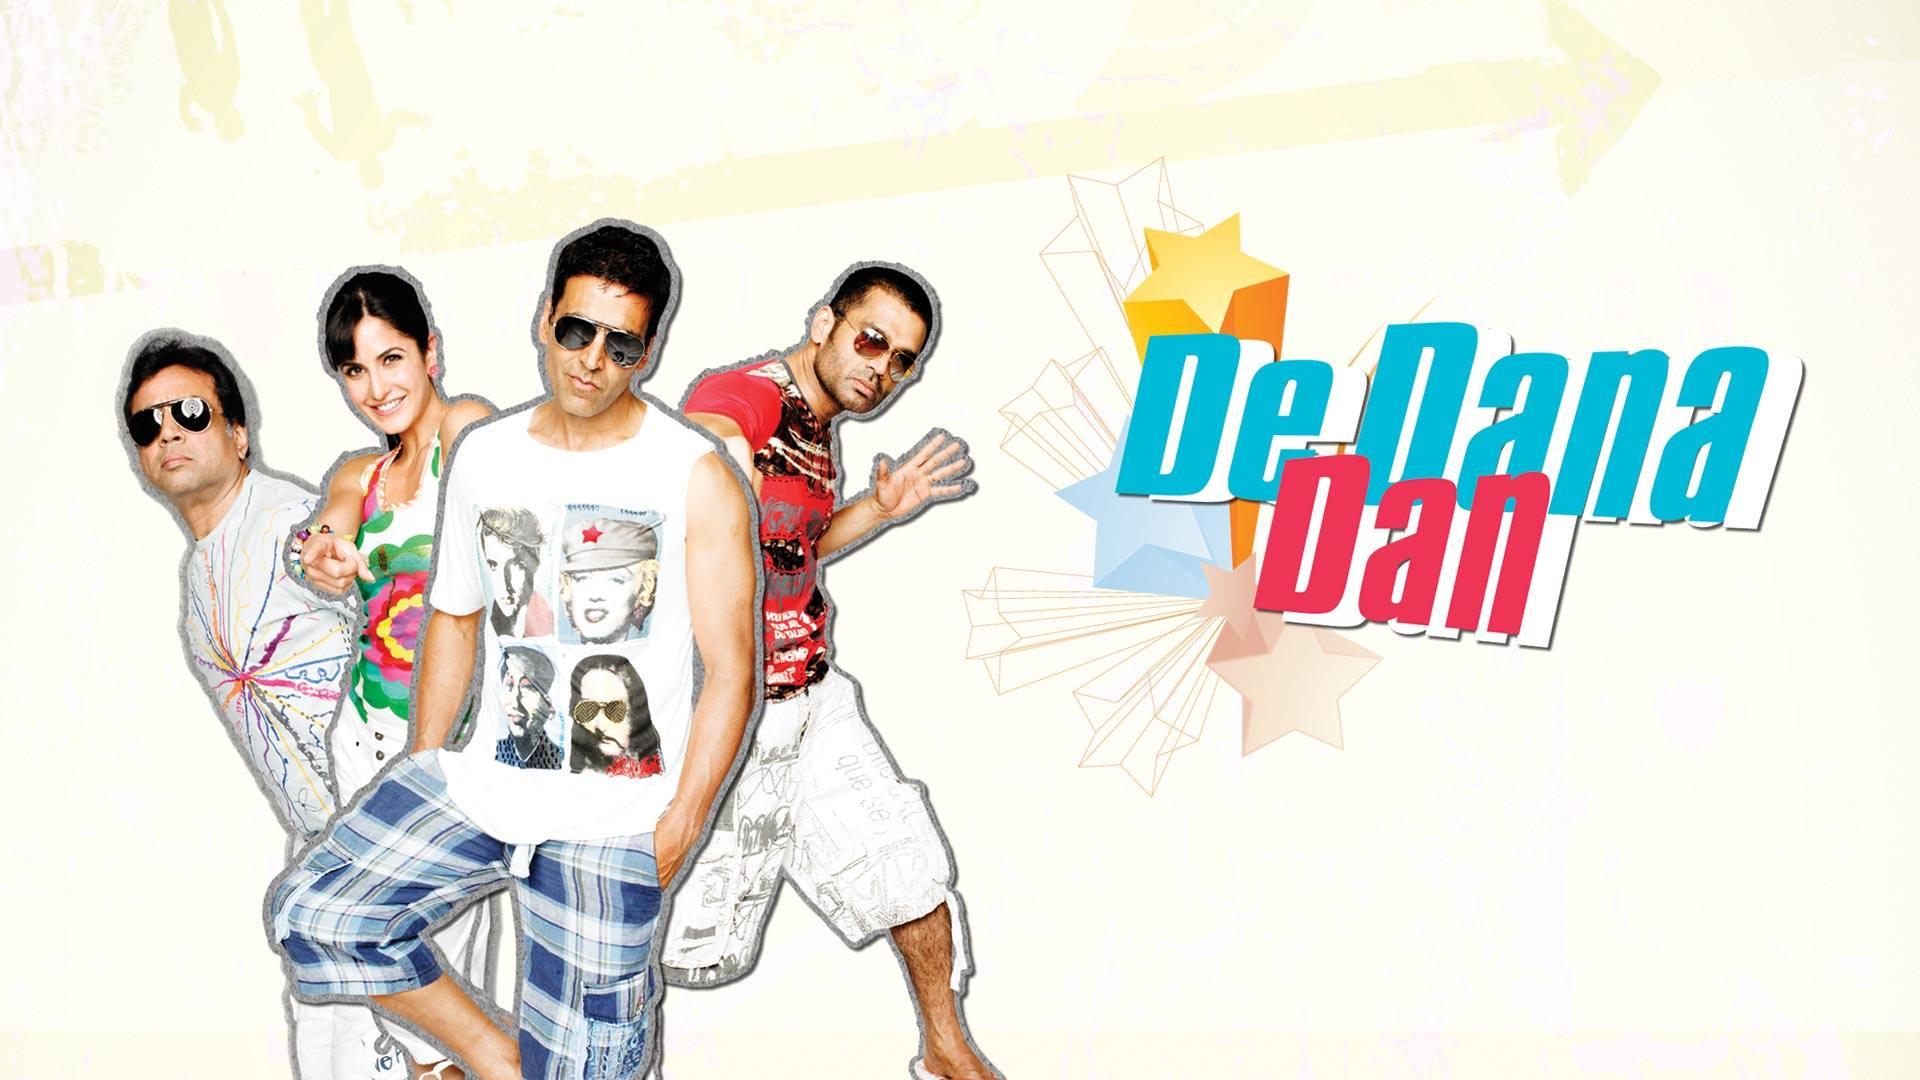 De Dana Dan Full Movie Download in 720P